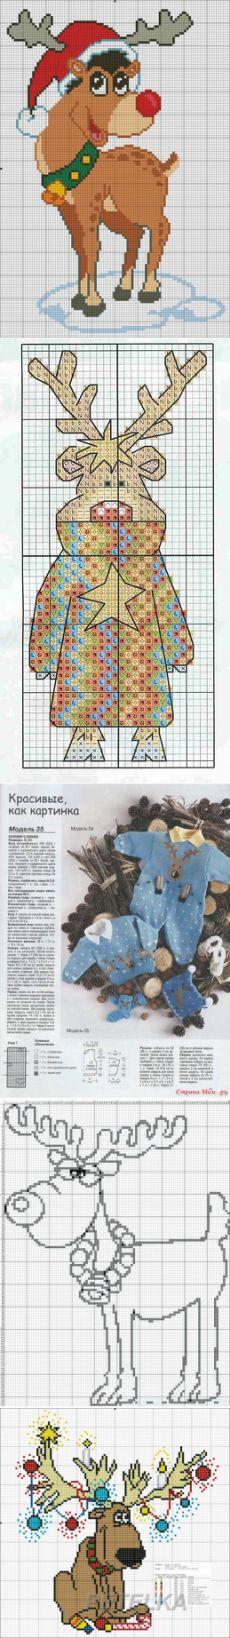 Belosvetika — альбом «Креативные новогодние свитера / Узоры для жаккарда или вышивки / Новогодние олени» на Яндекс.Фотках